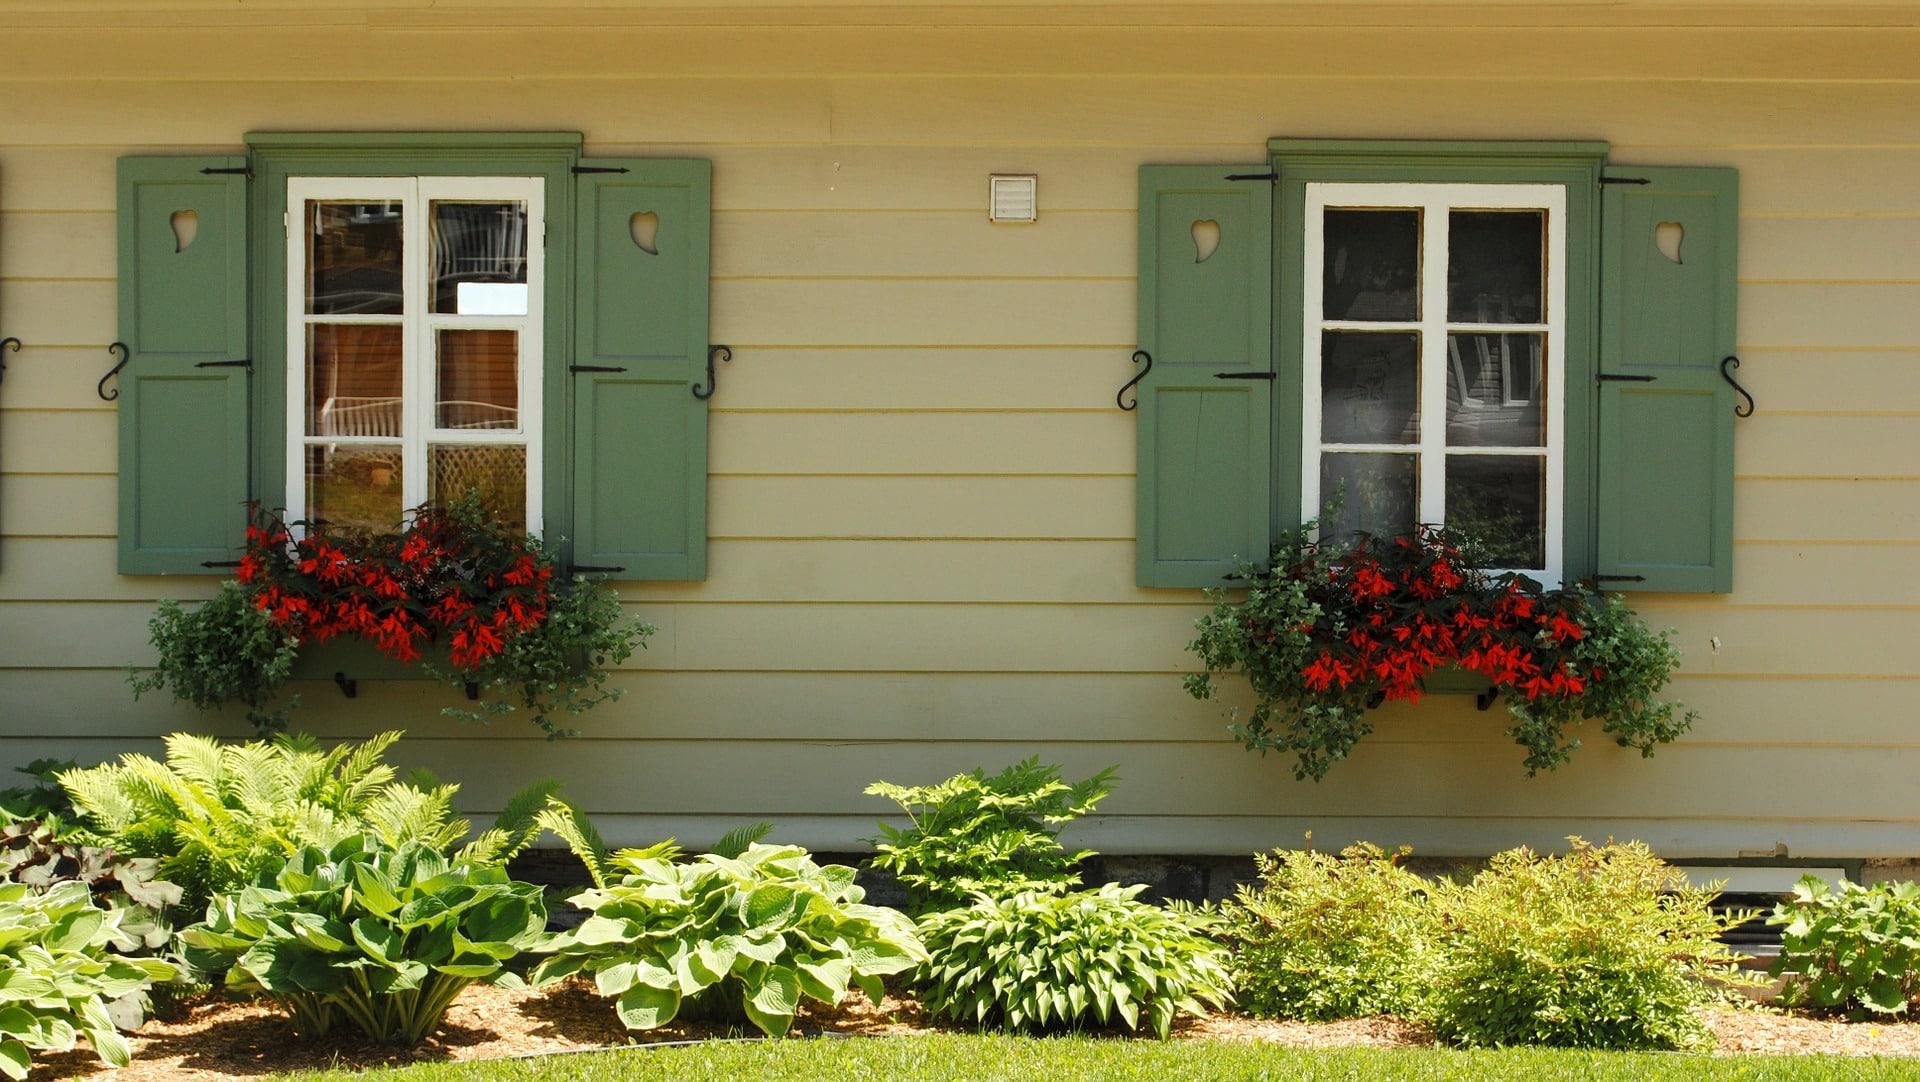 achat d une maison 8 conseils pour faire le bon choix conomies et cie. Black Bedroom Furniture Sets. Home Design Ideas